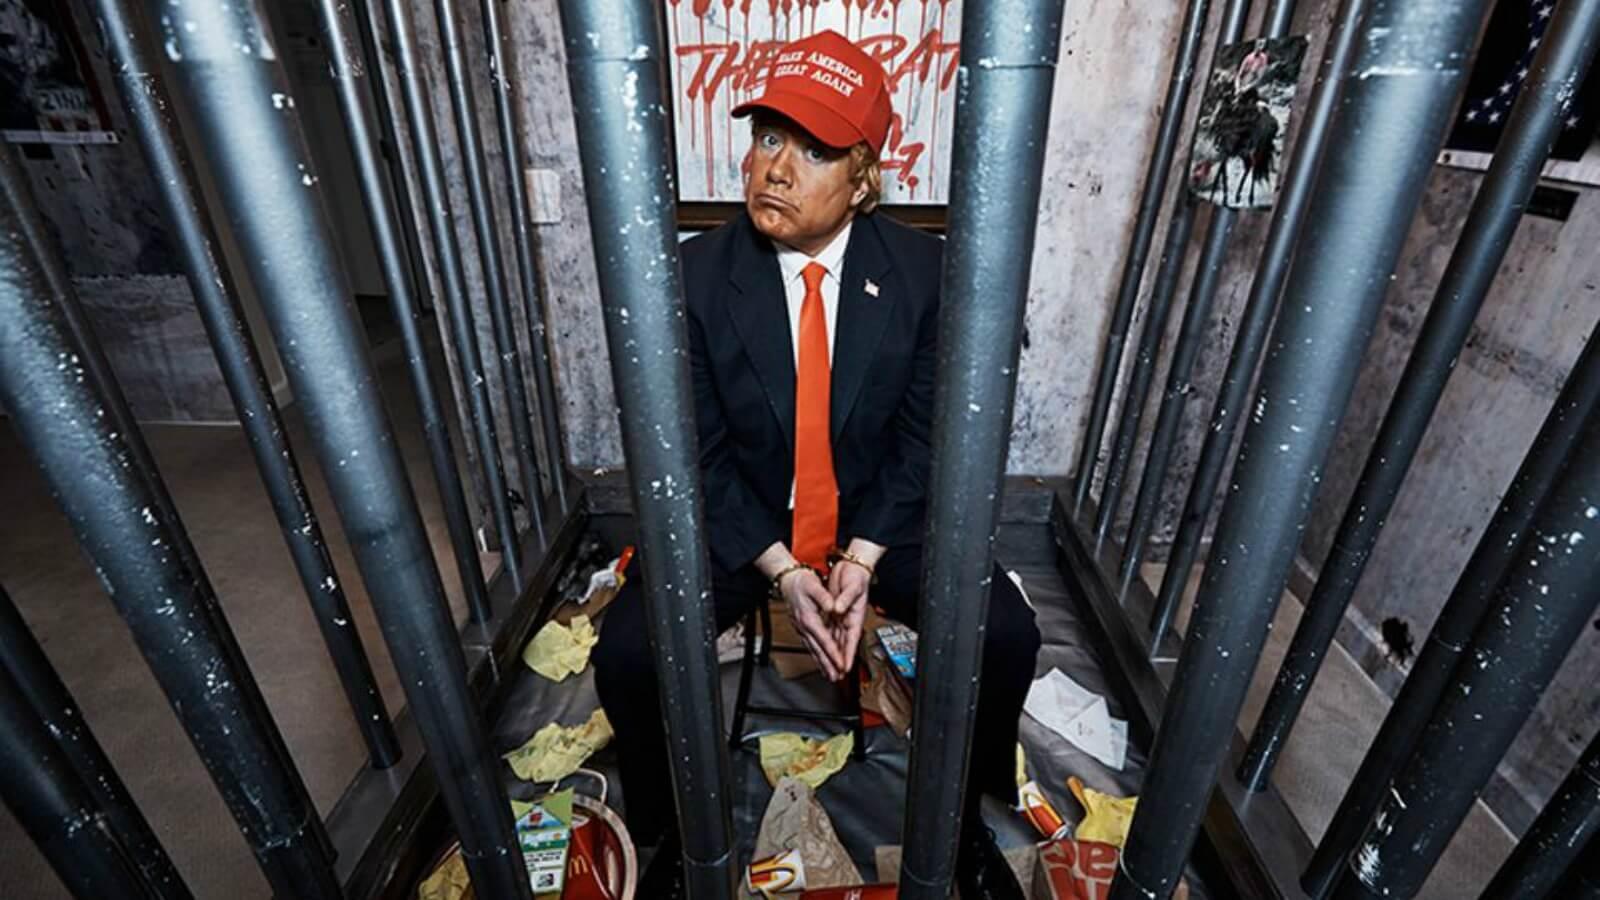 Trump encerrado en una celda en su propio Hotel